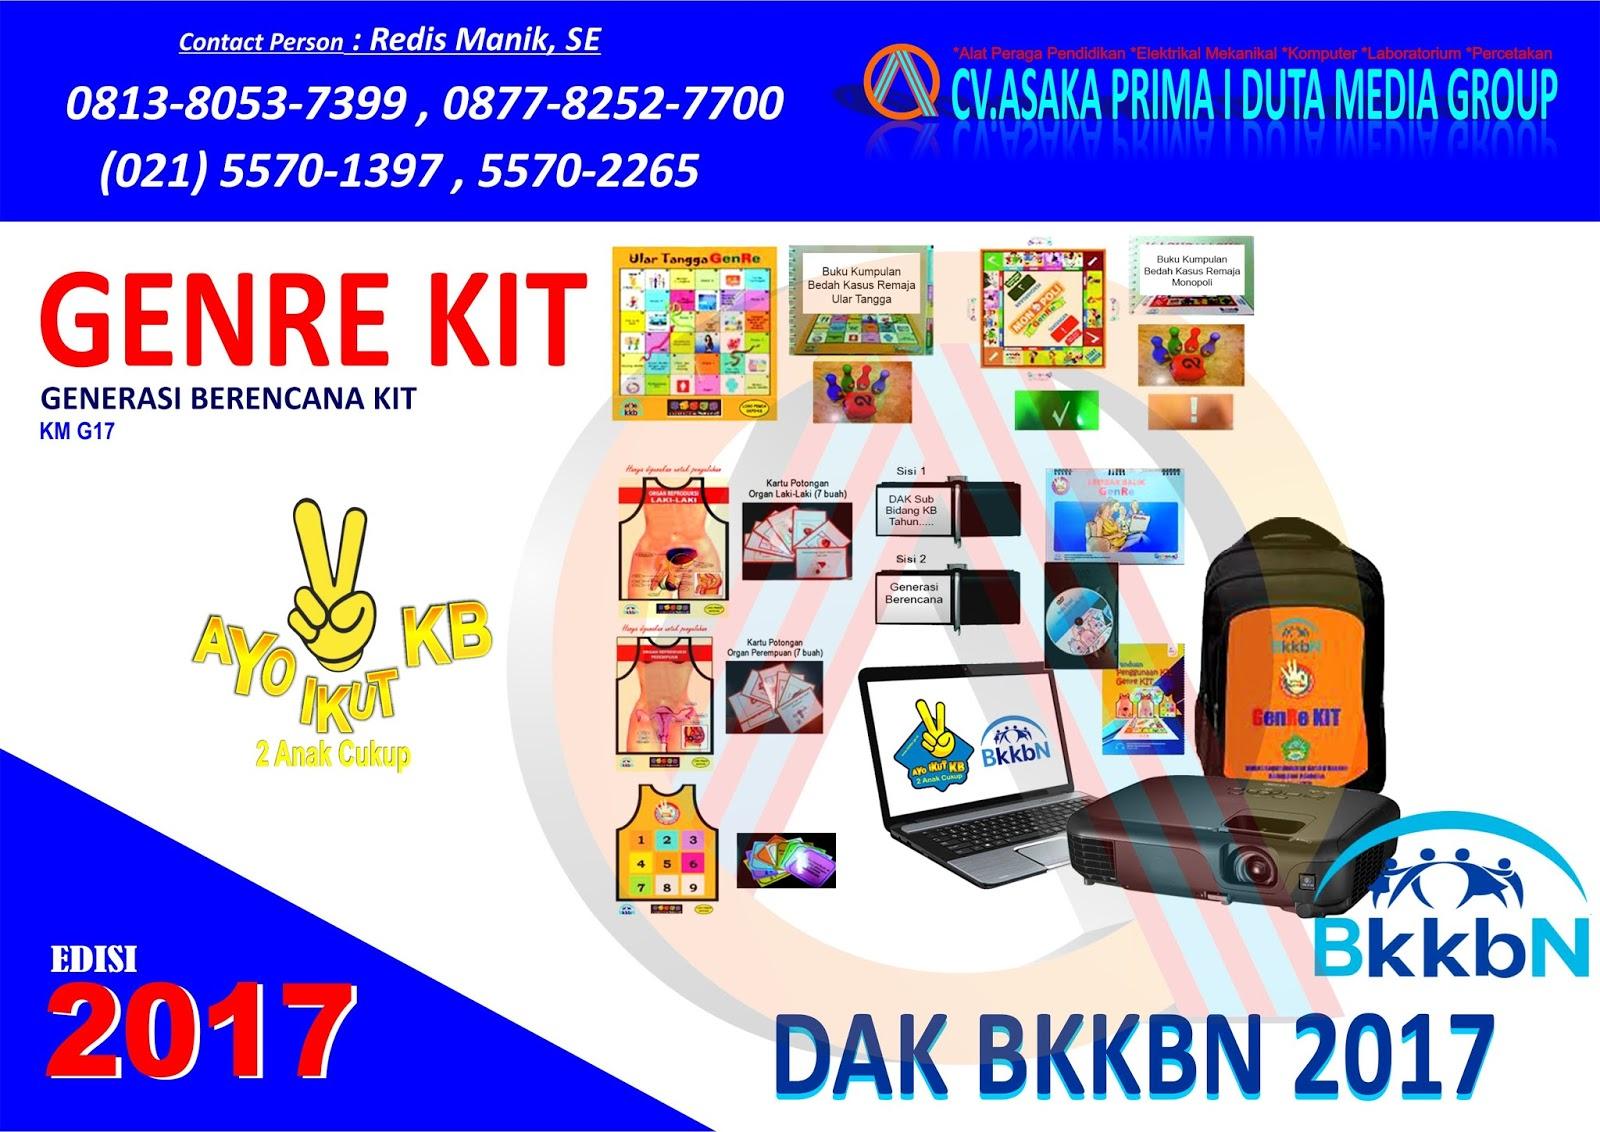 Harga GenRe Kit BKKBN 2017